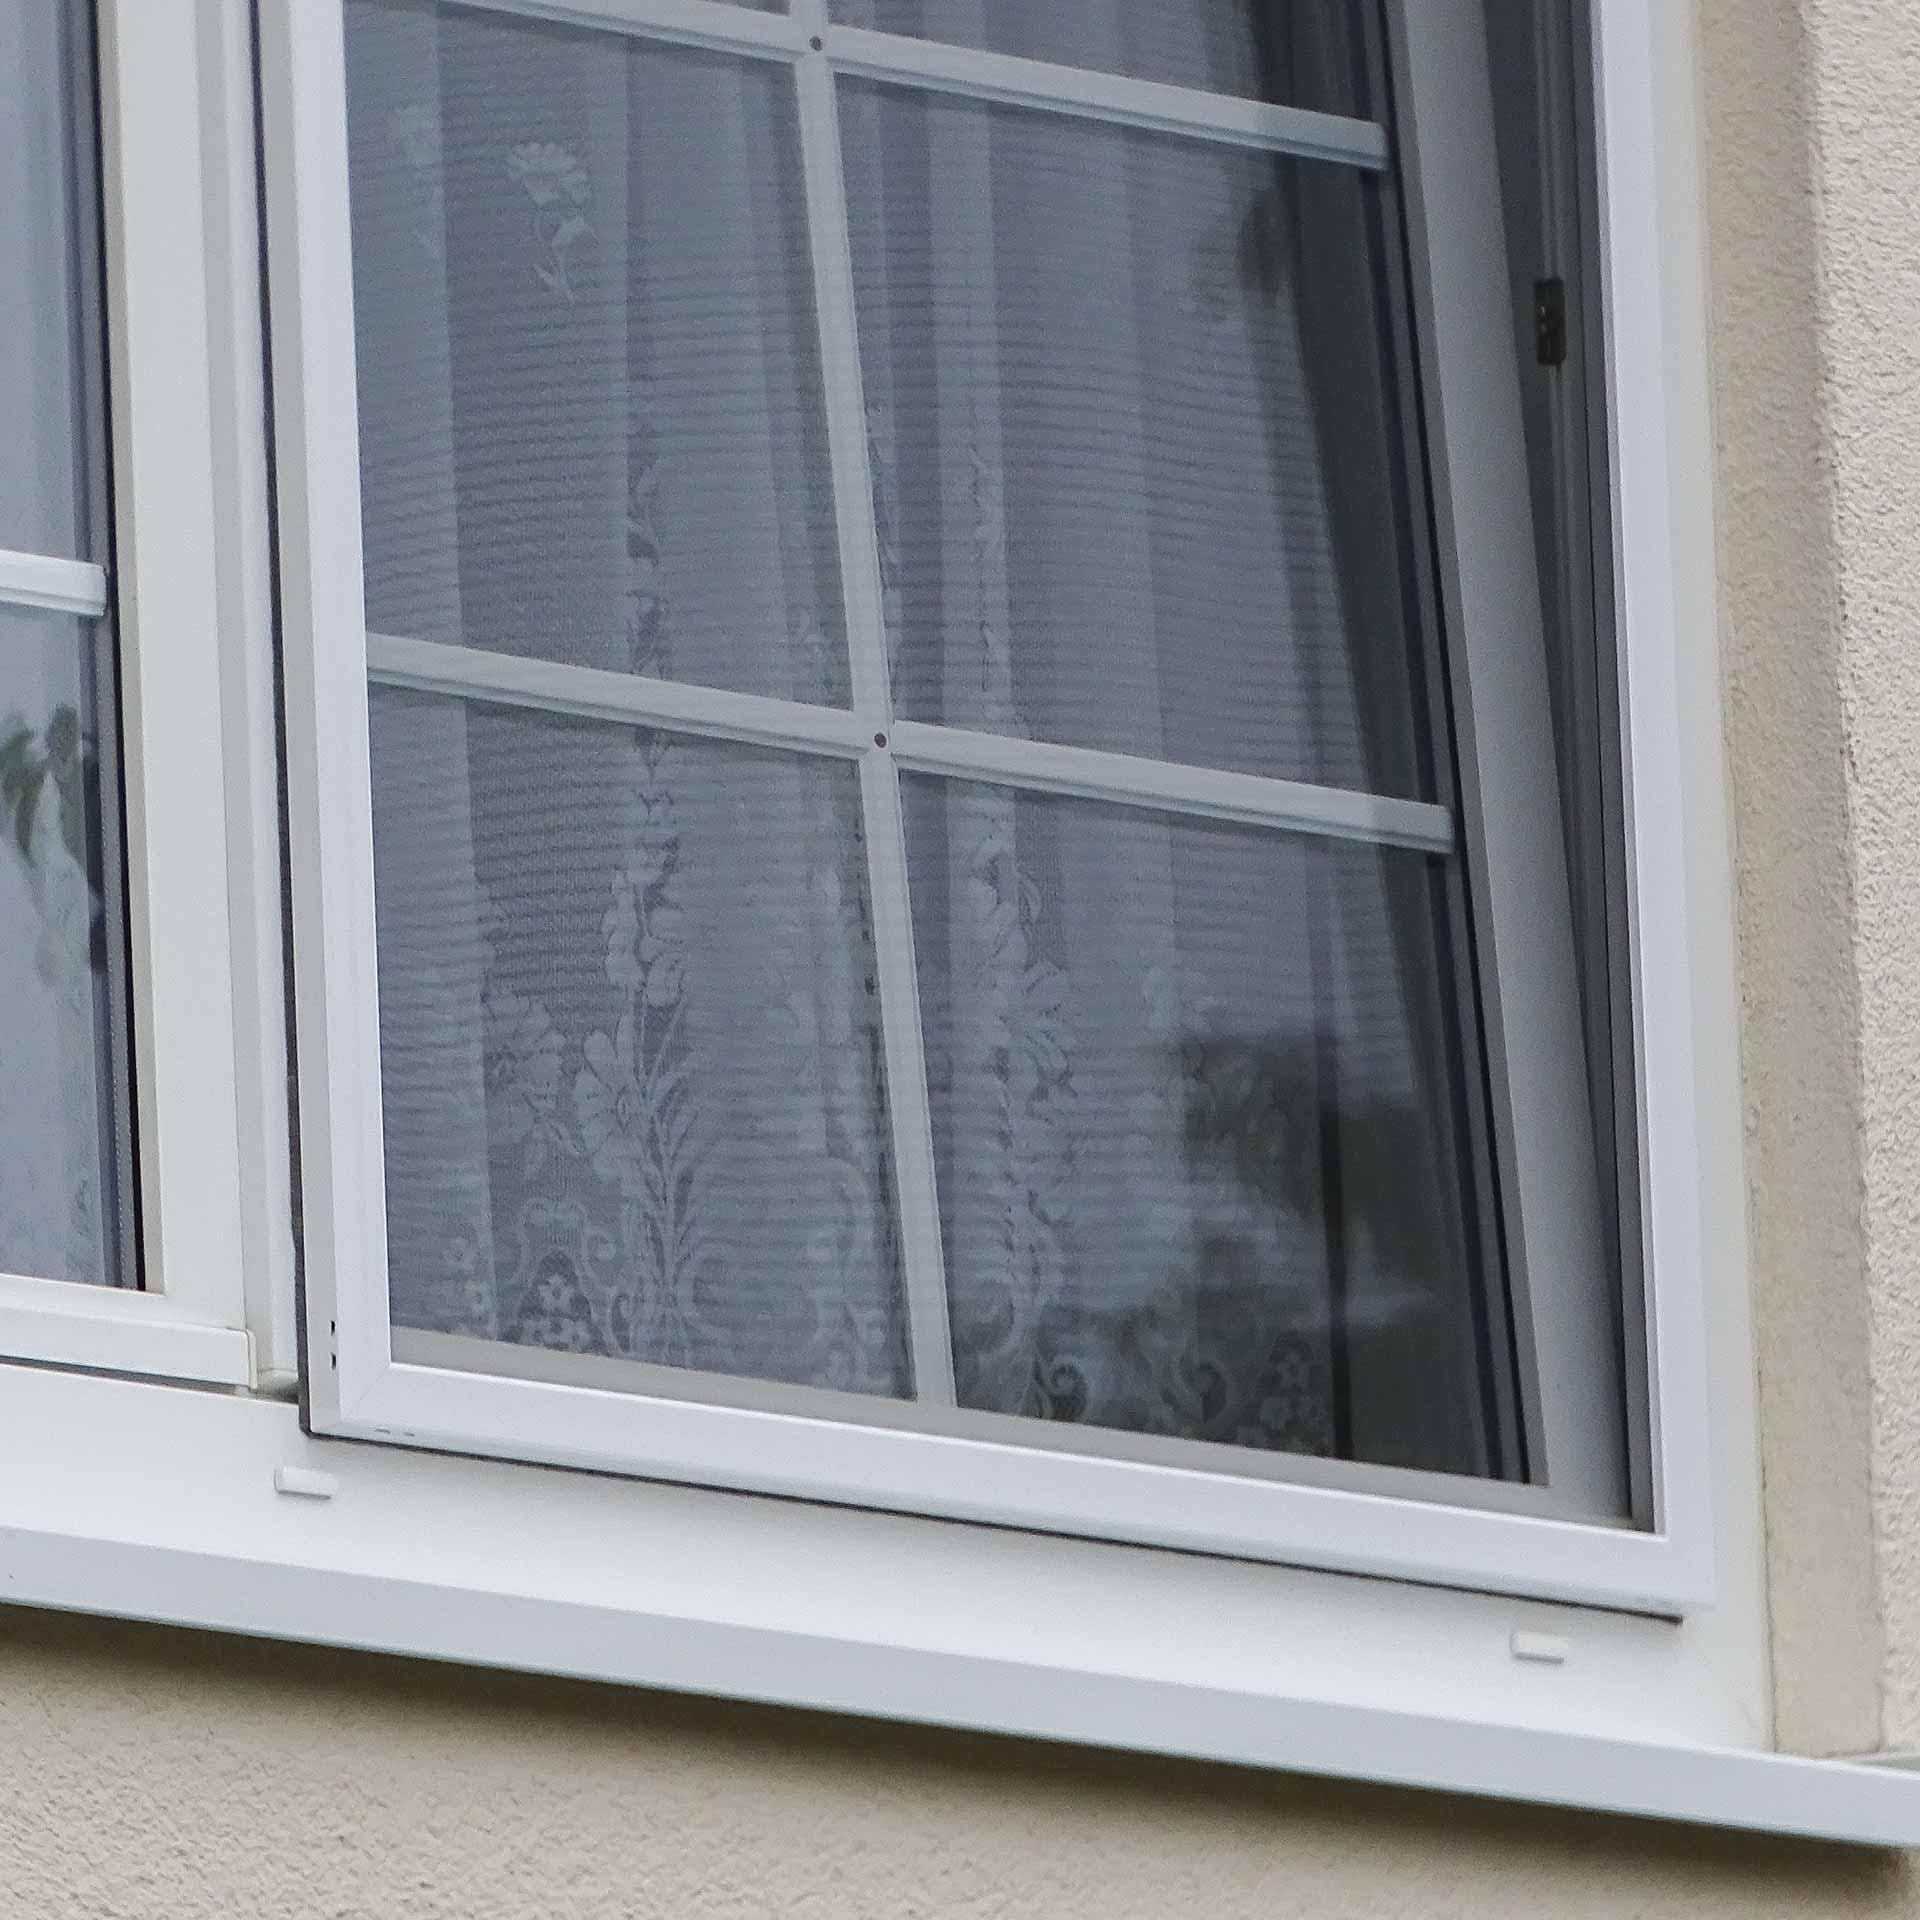 Fliegengitter-Rahmen für Fenster mit überstehendem Wetterschenkel | FlairlinePlus-WN